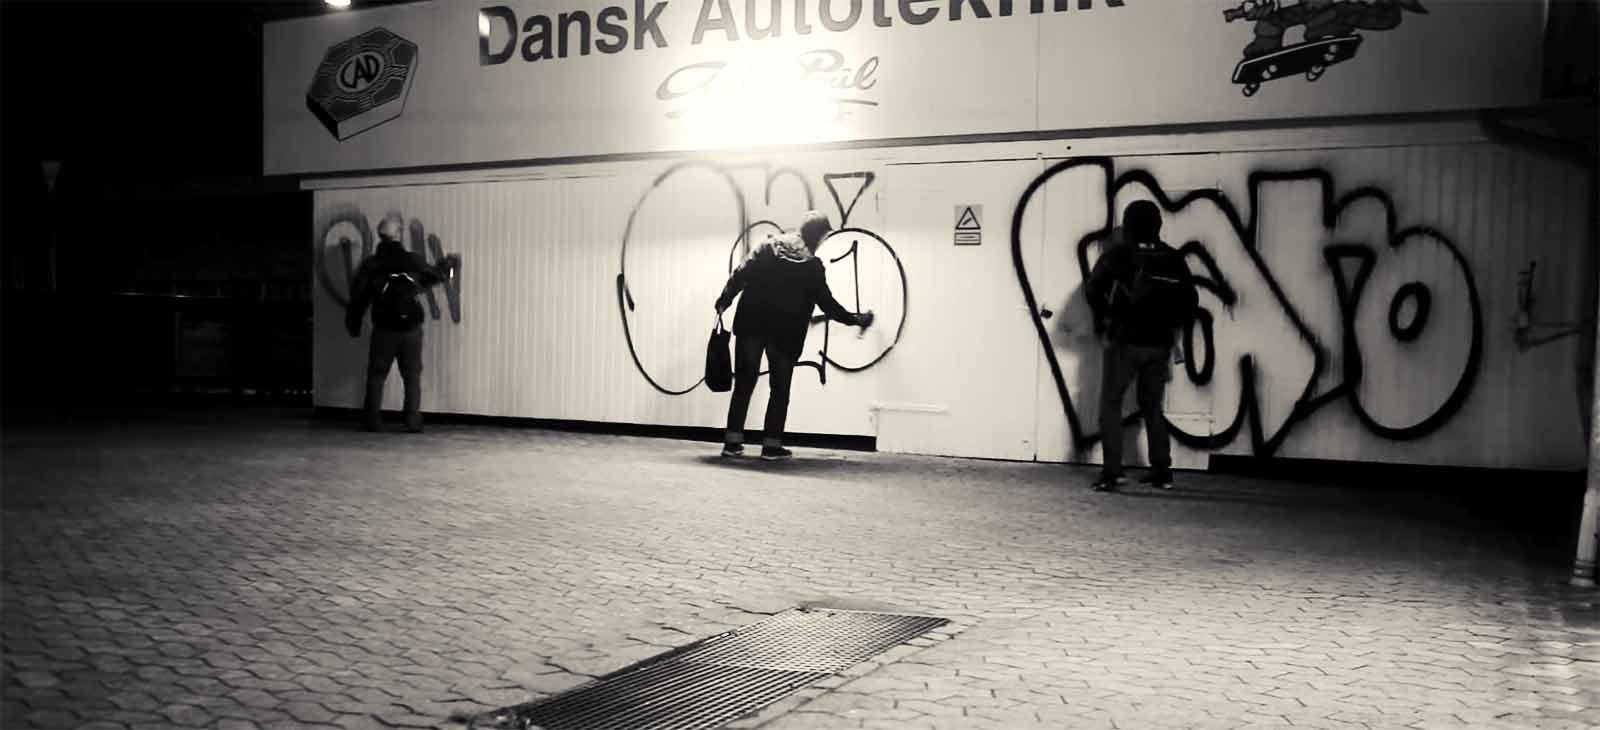 TagsAndThrows: Bombing in Copenhagen